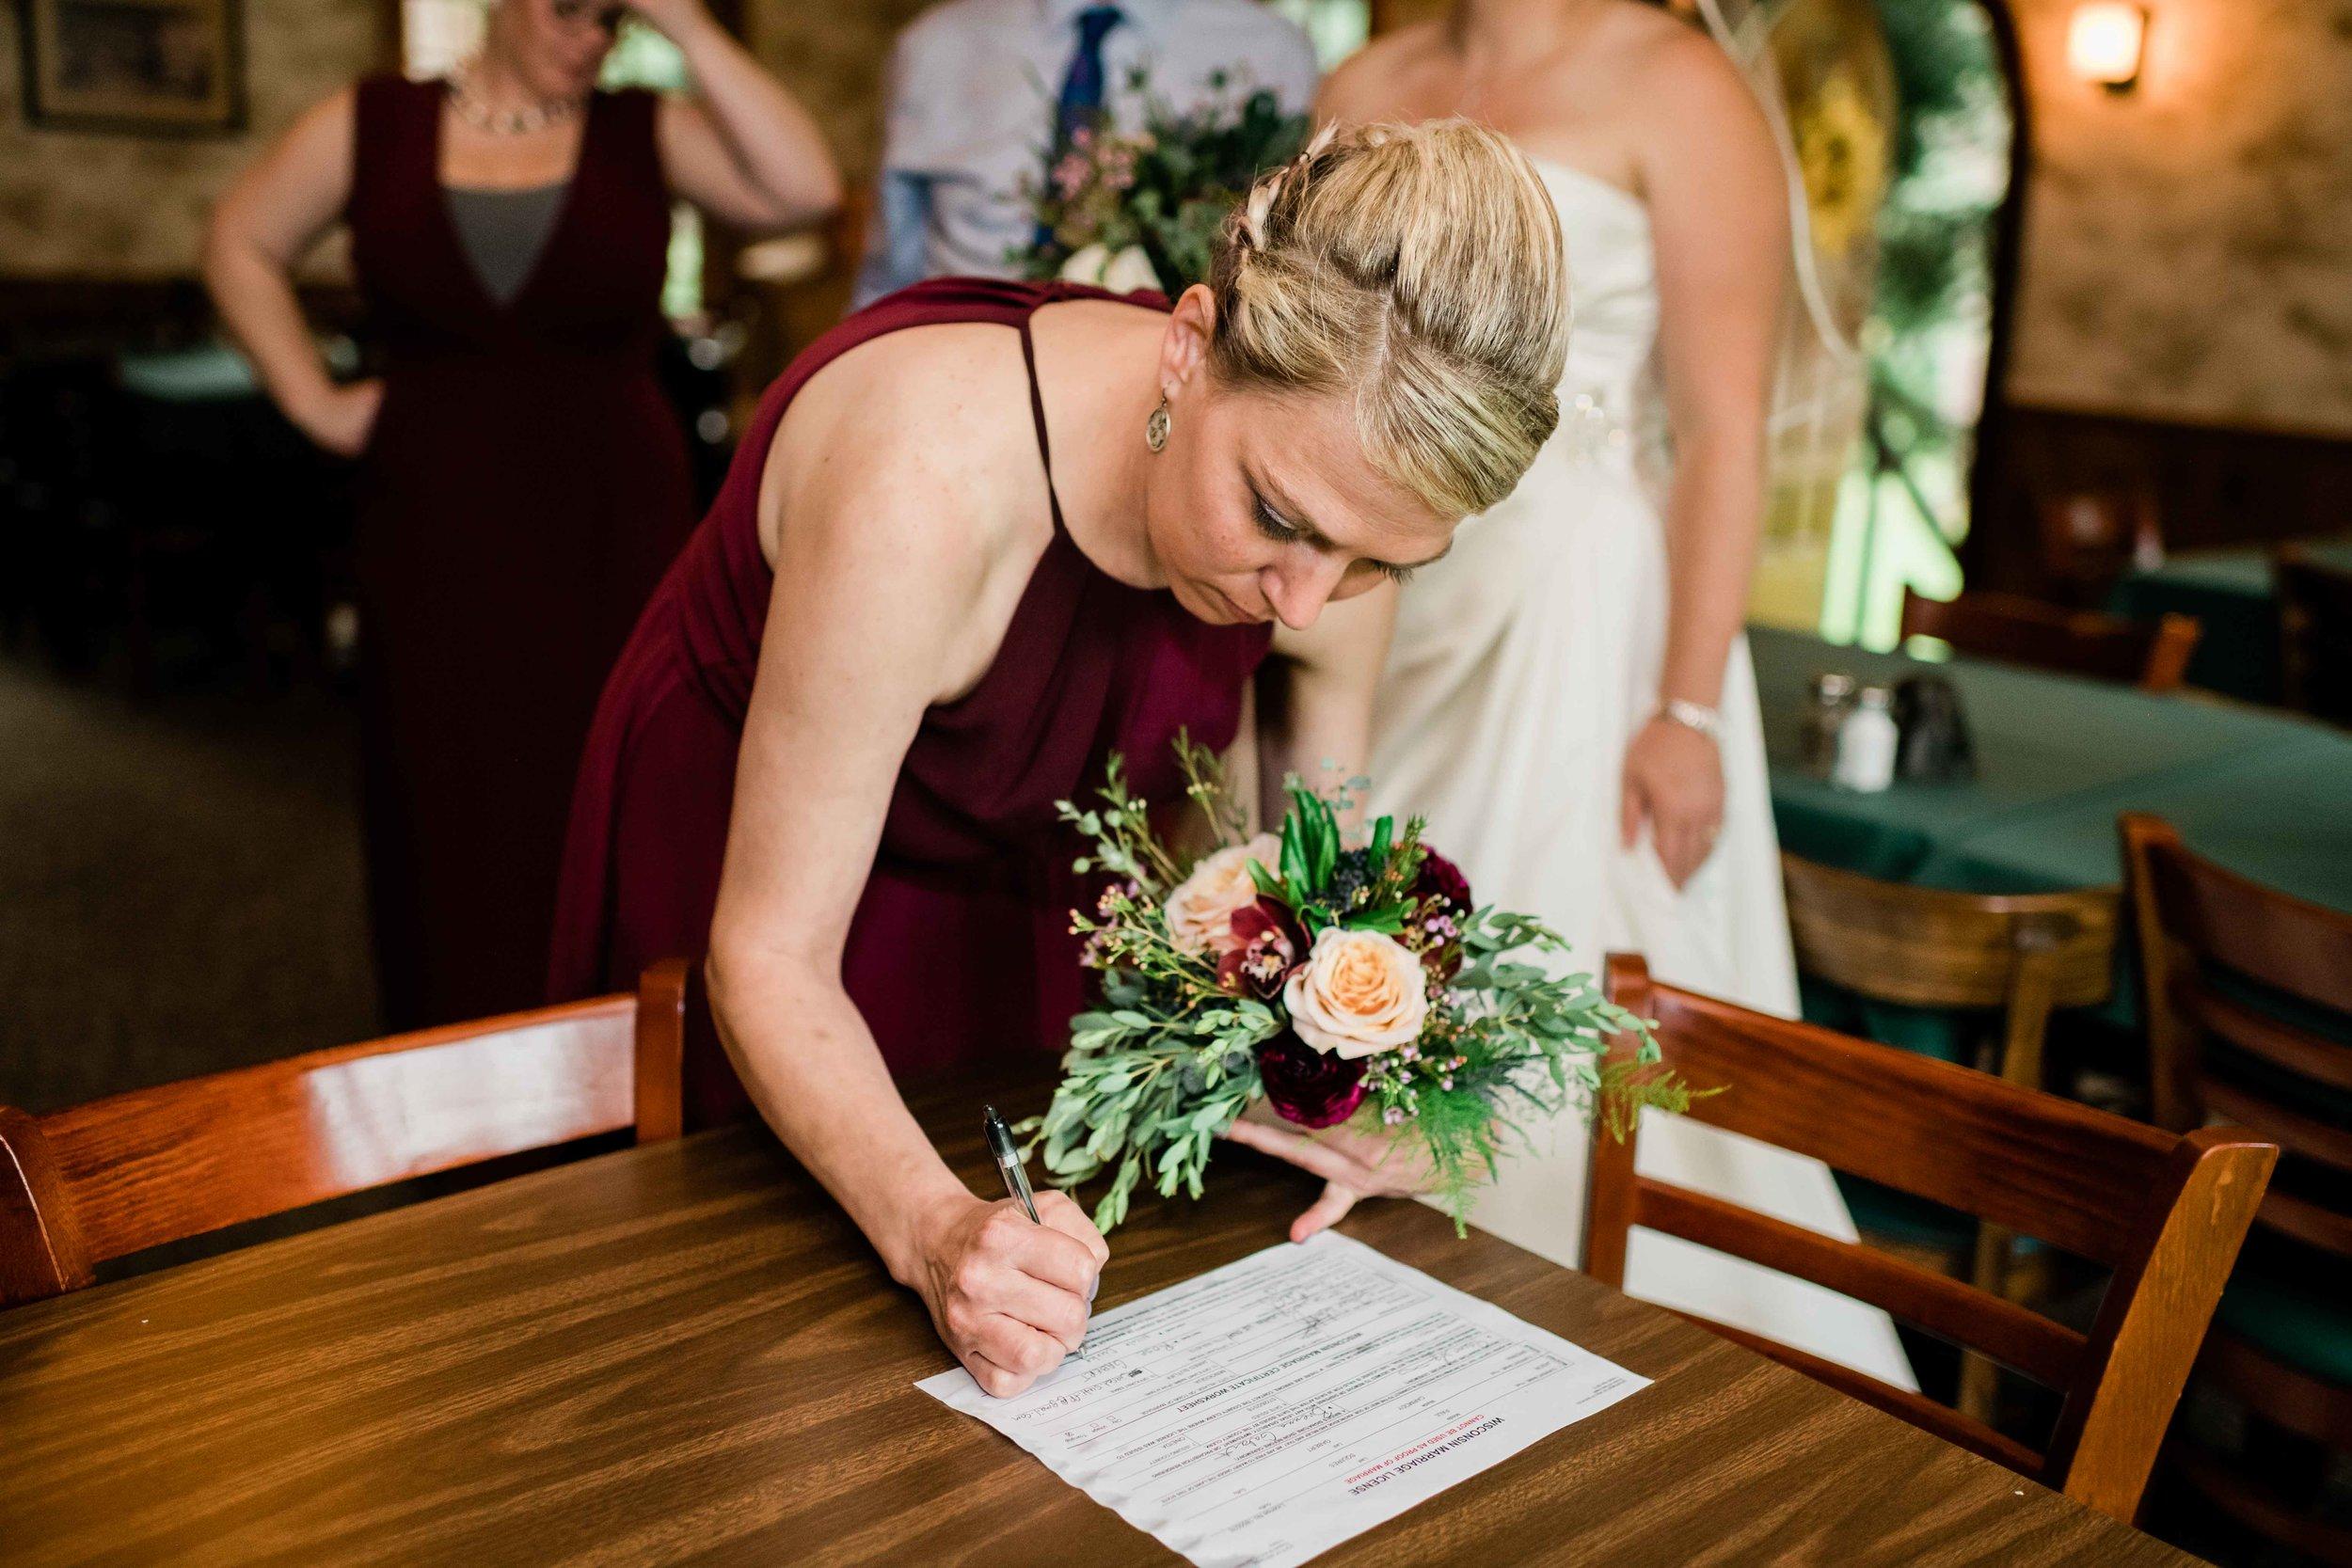 Bridesmaid signs marriage license